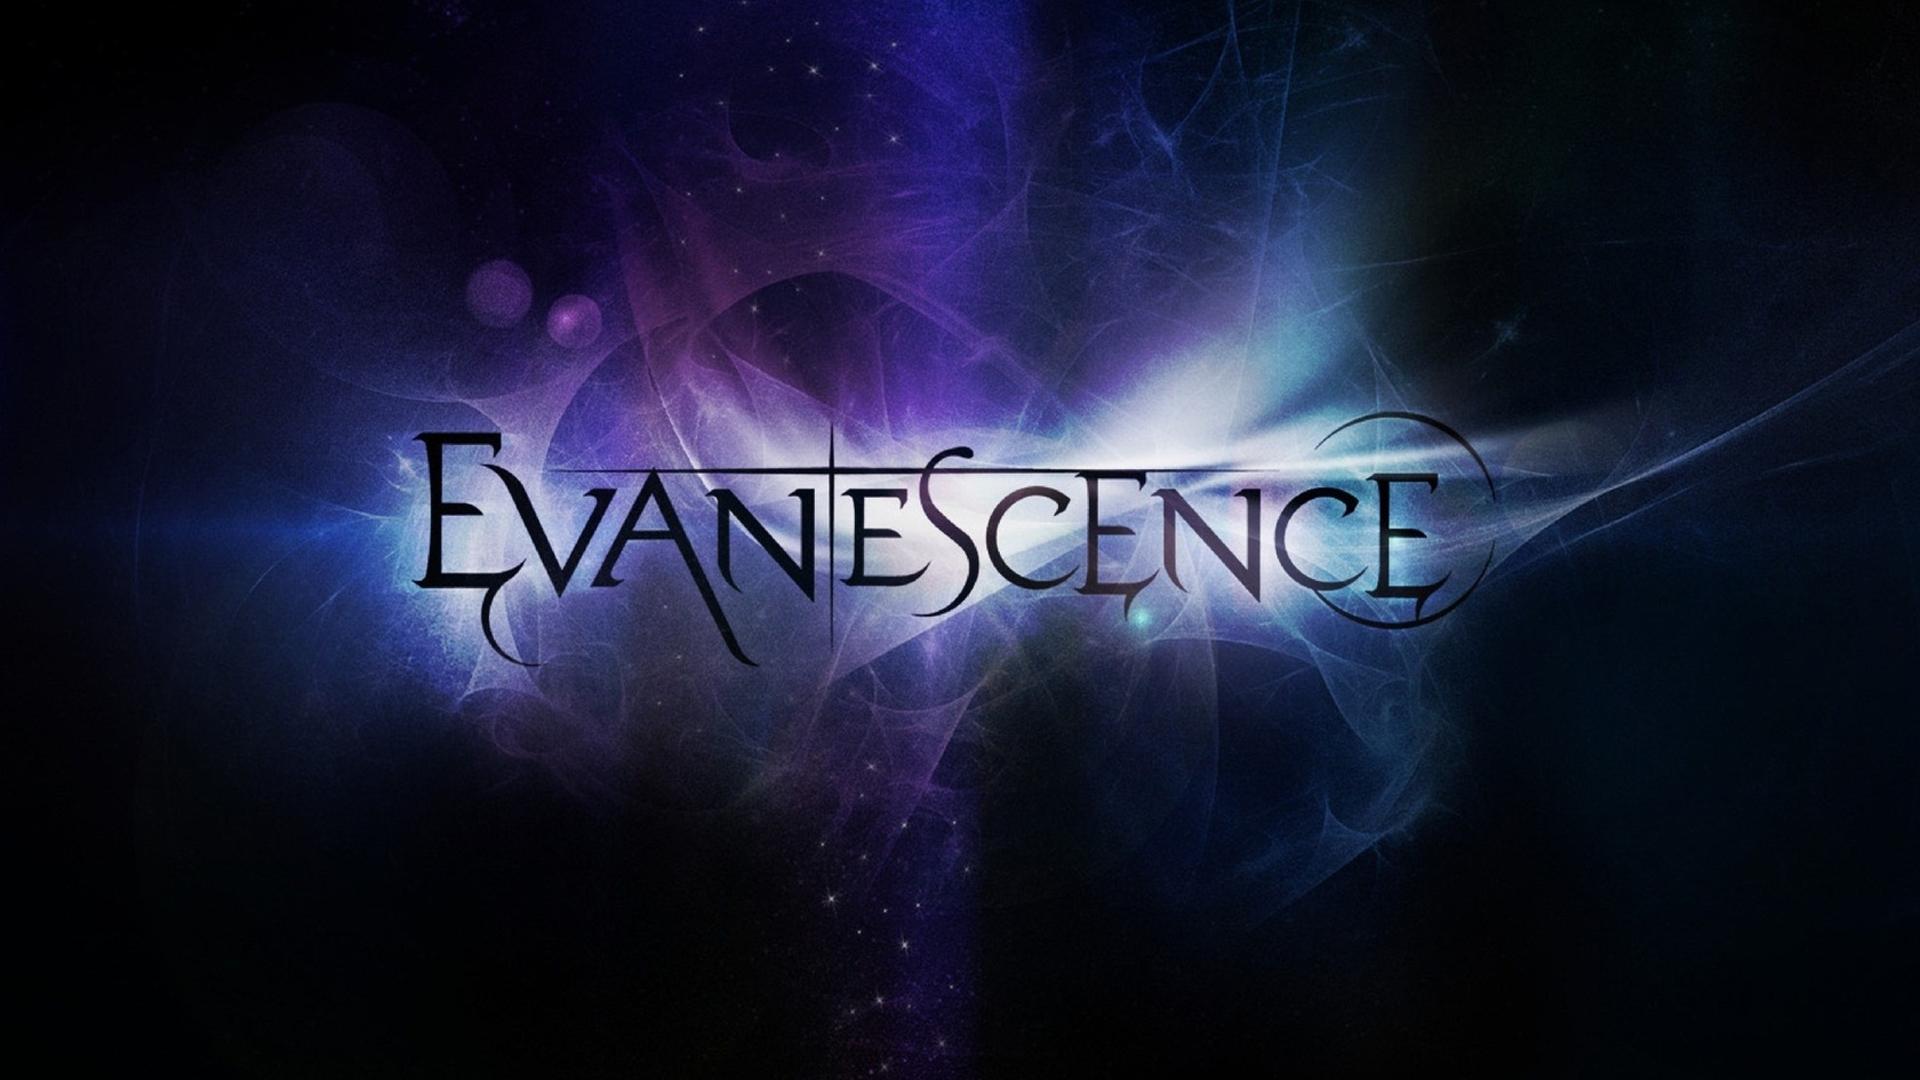 evanescence hearts wallpaper - photo #11